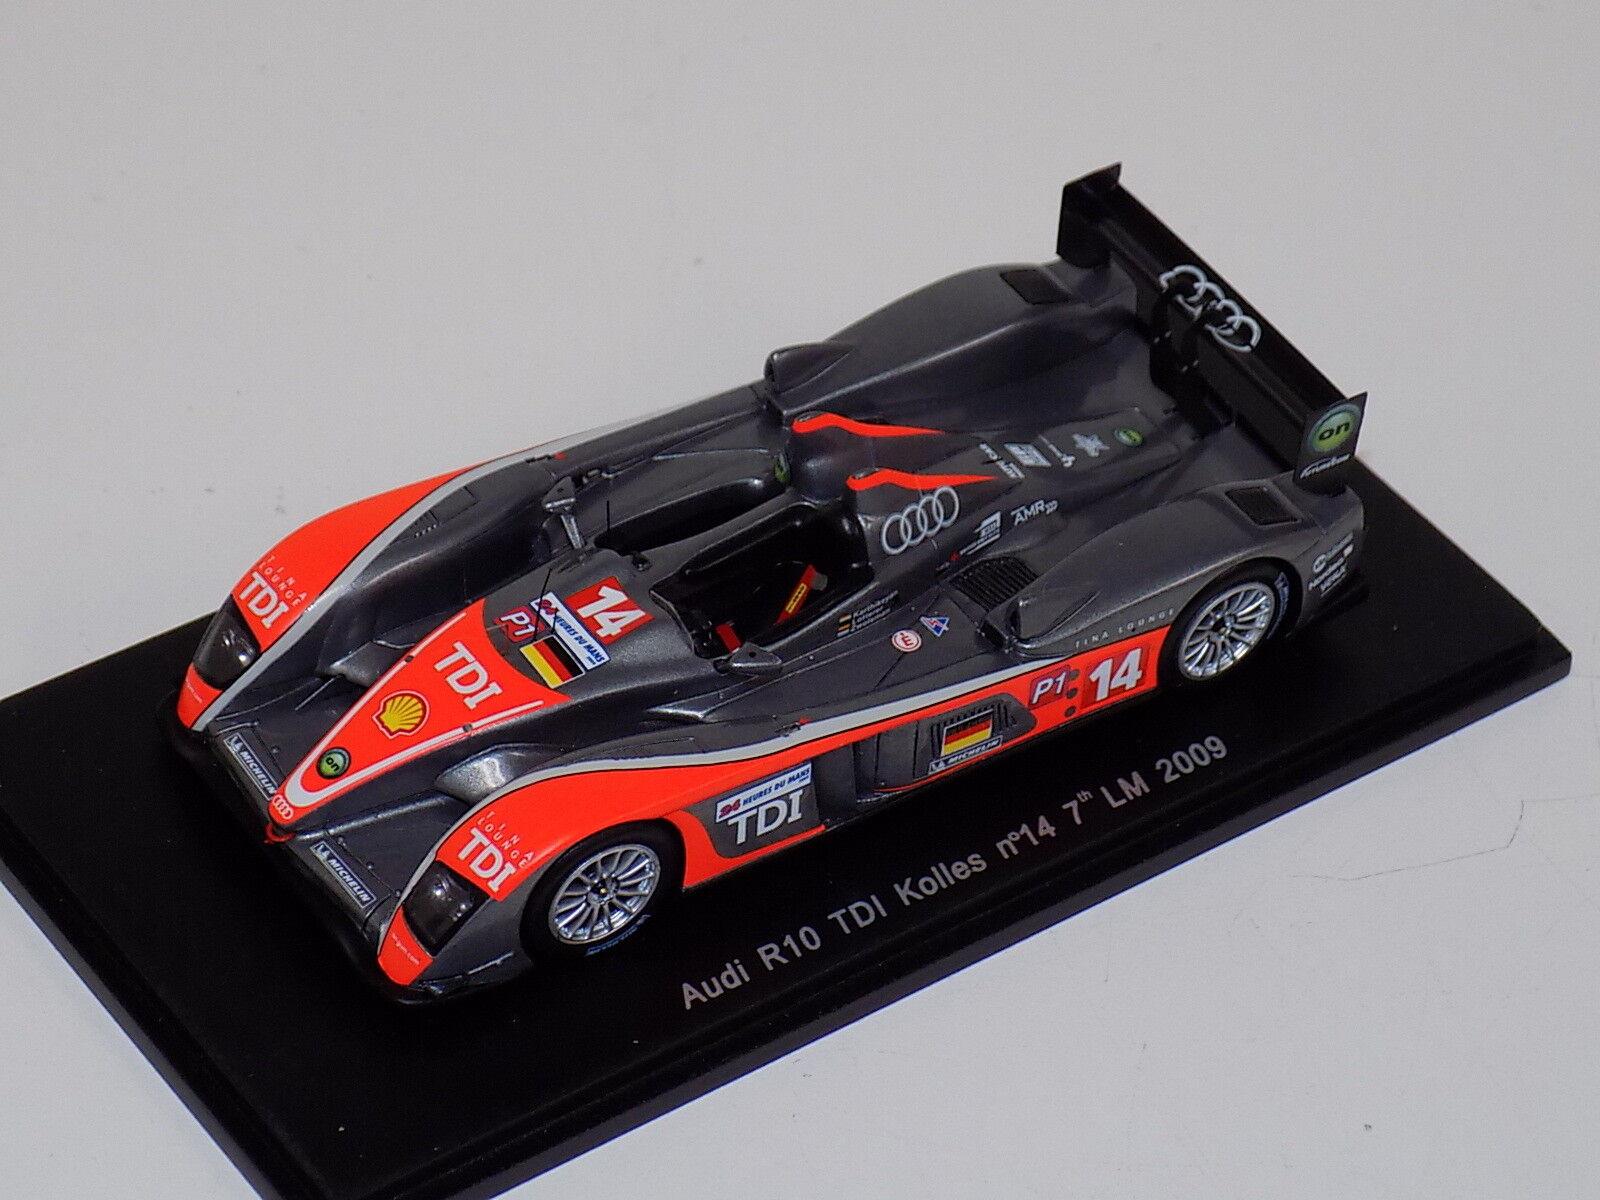 1 43 SPARKI R10 TDI voiture  14 7th en 2009 24 H du le mans S0690